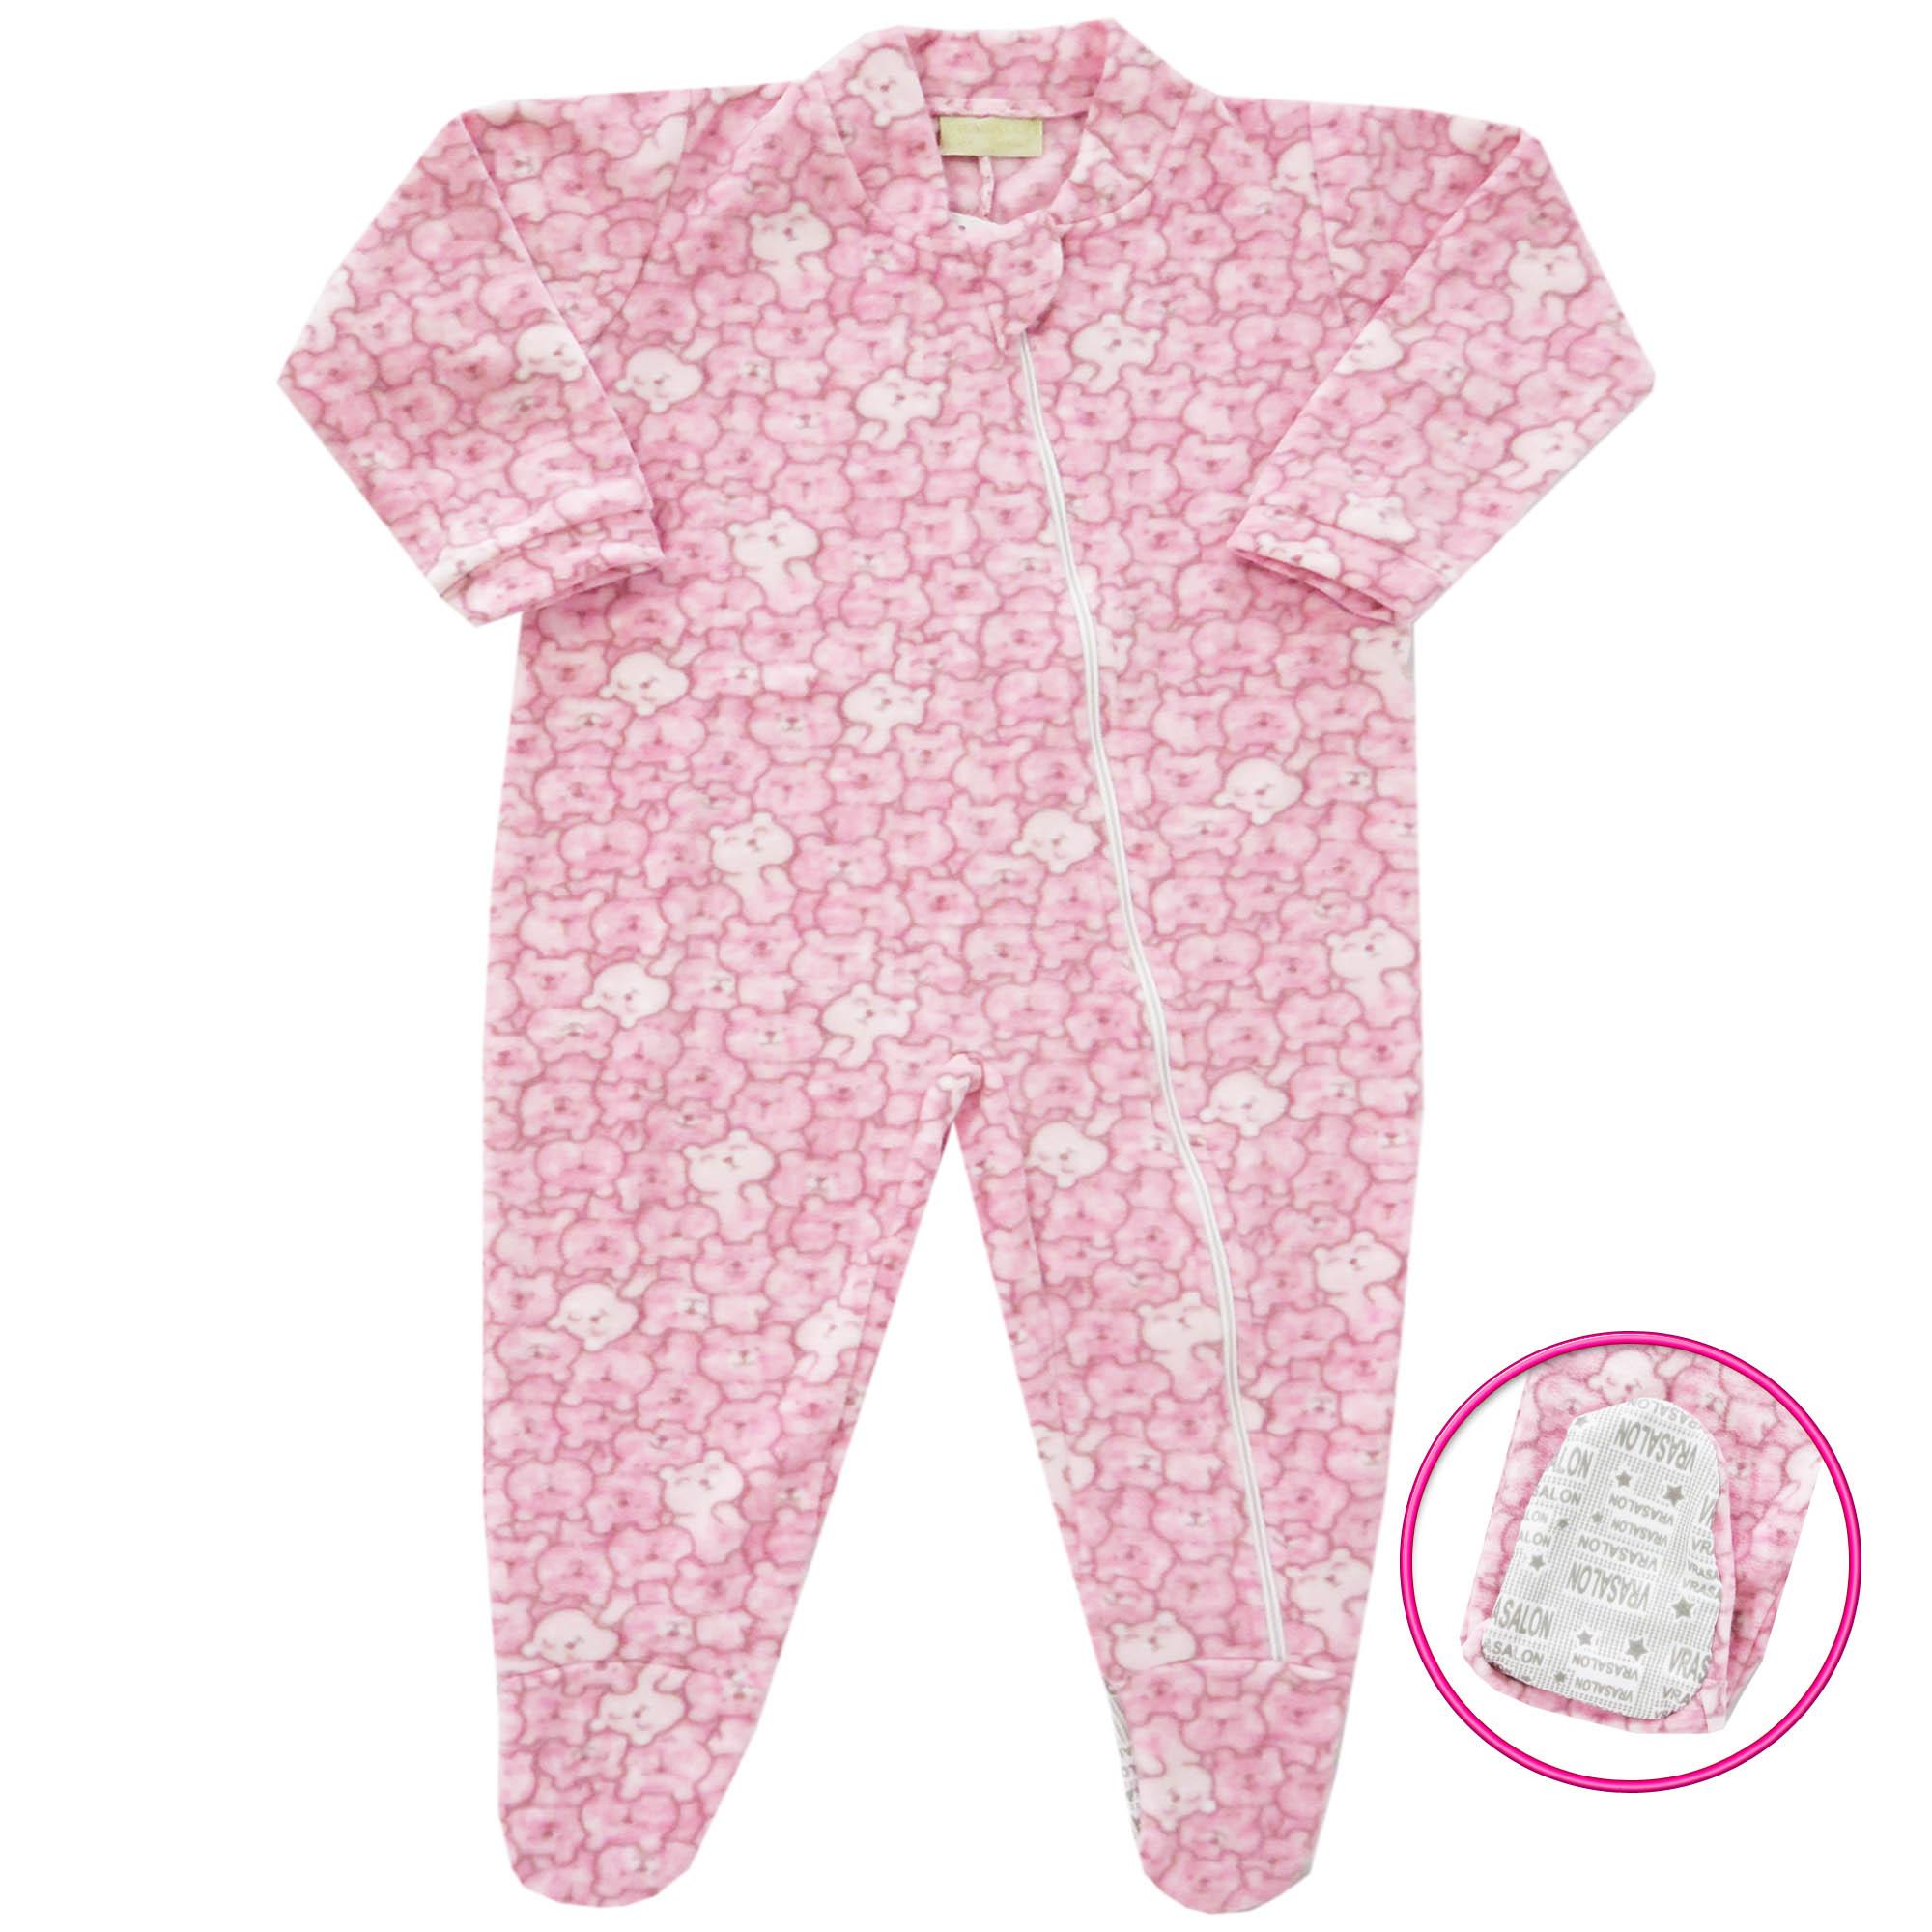 Macacão Pijama Inverno Vrasalon Soft Ursinhos - P e G